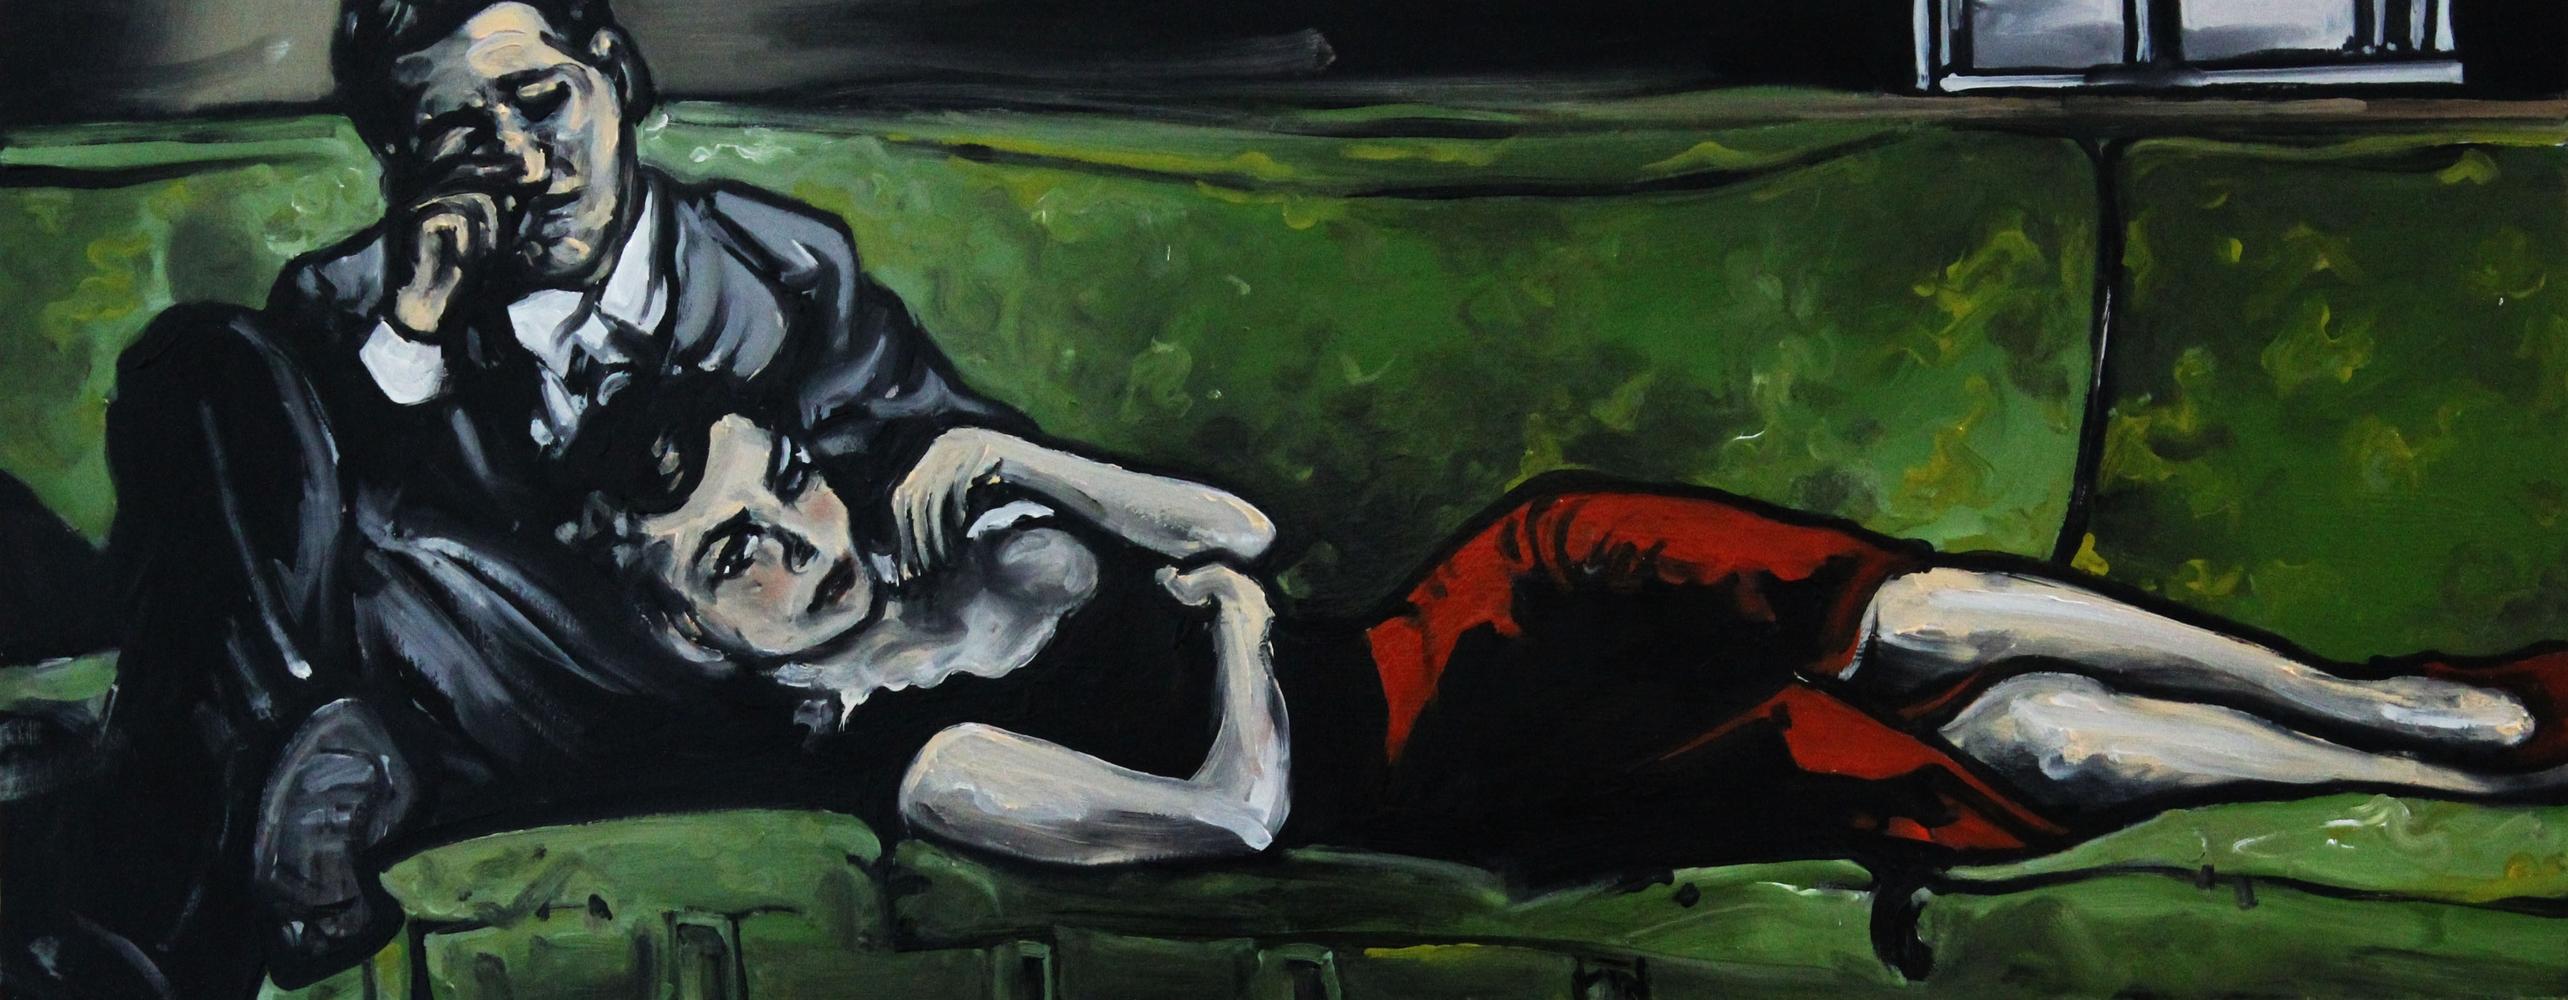 « Sur le Canapé », huile sur bois, 28x70 cm